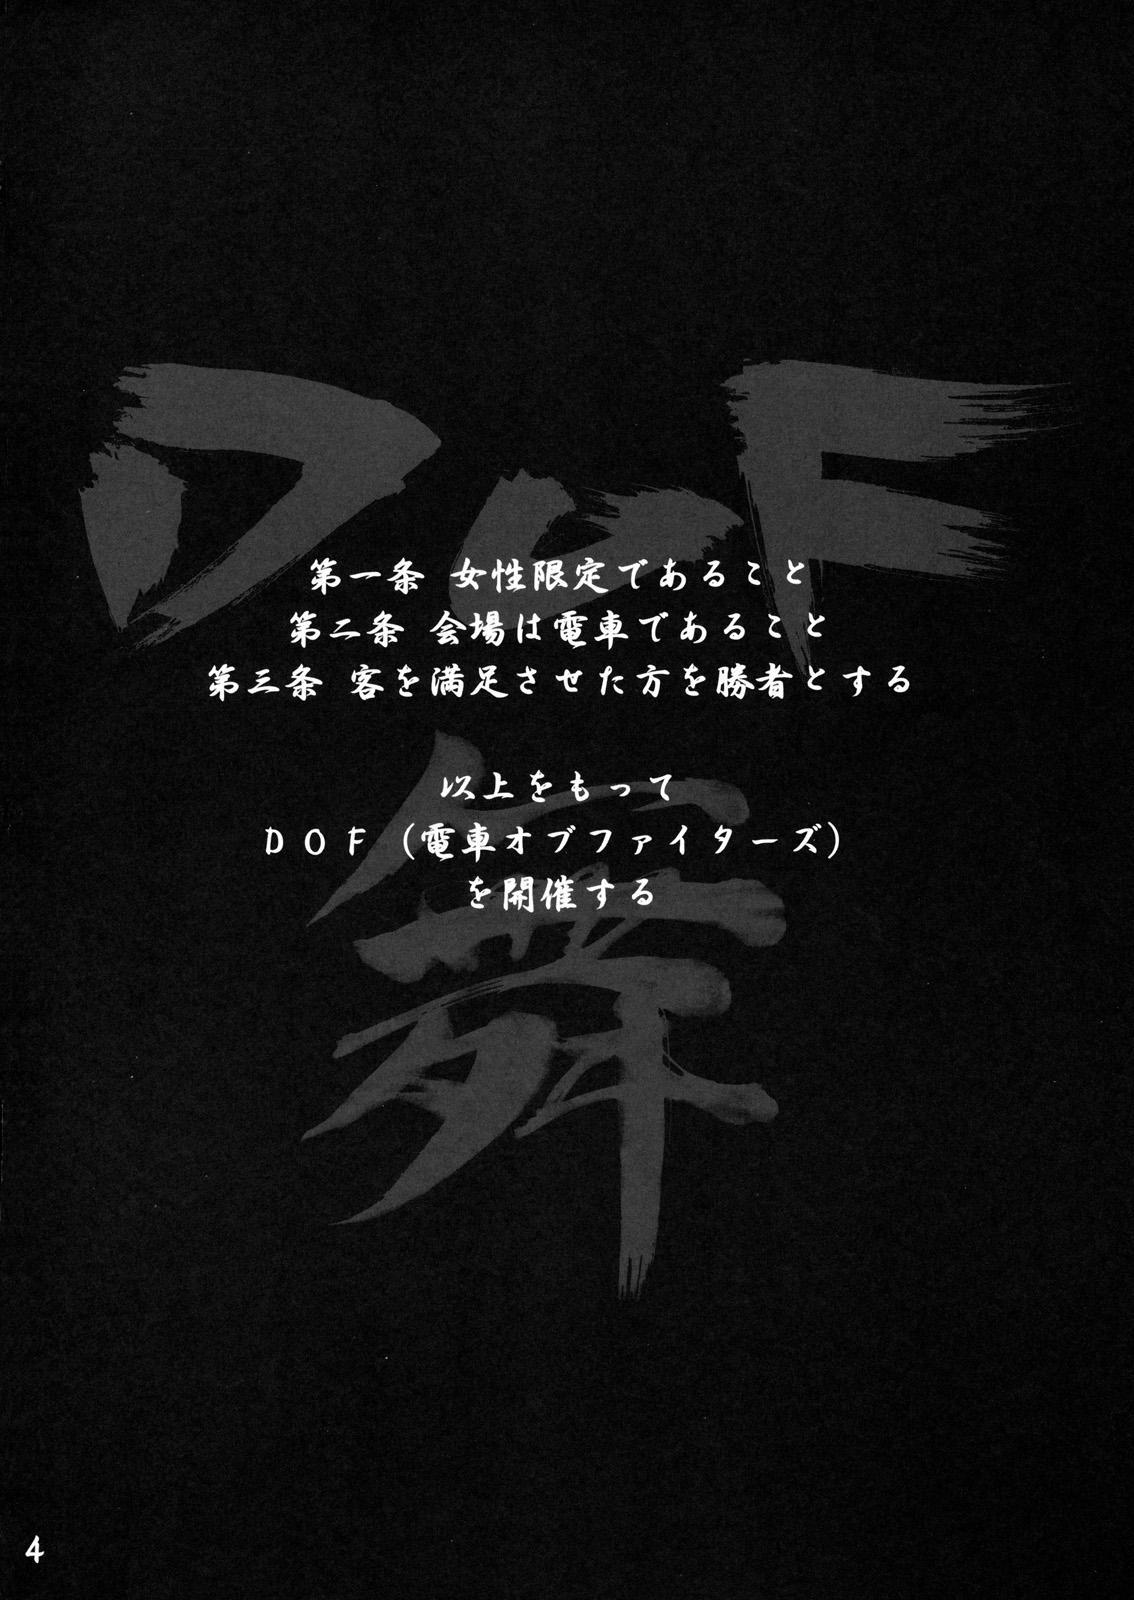 DOF Mai 2